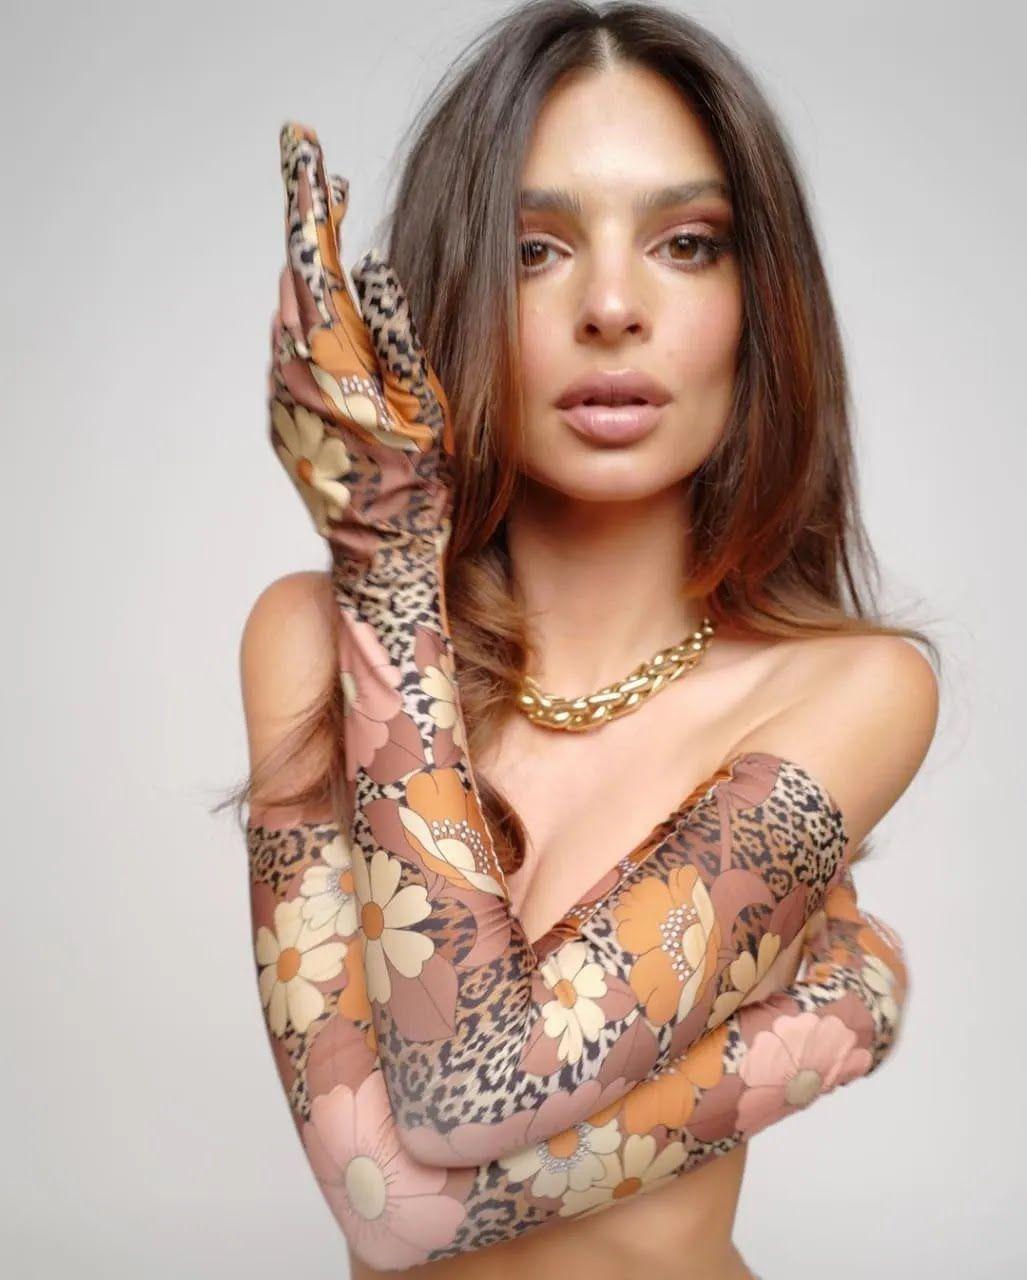 Эмили Ратаковски в новой фотосессии.